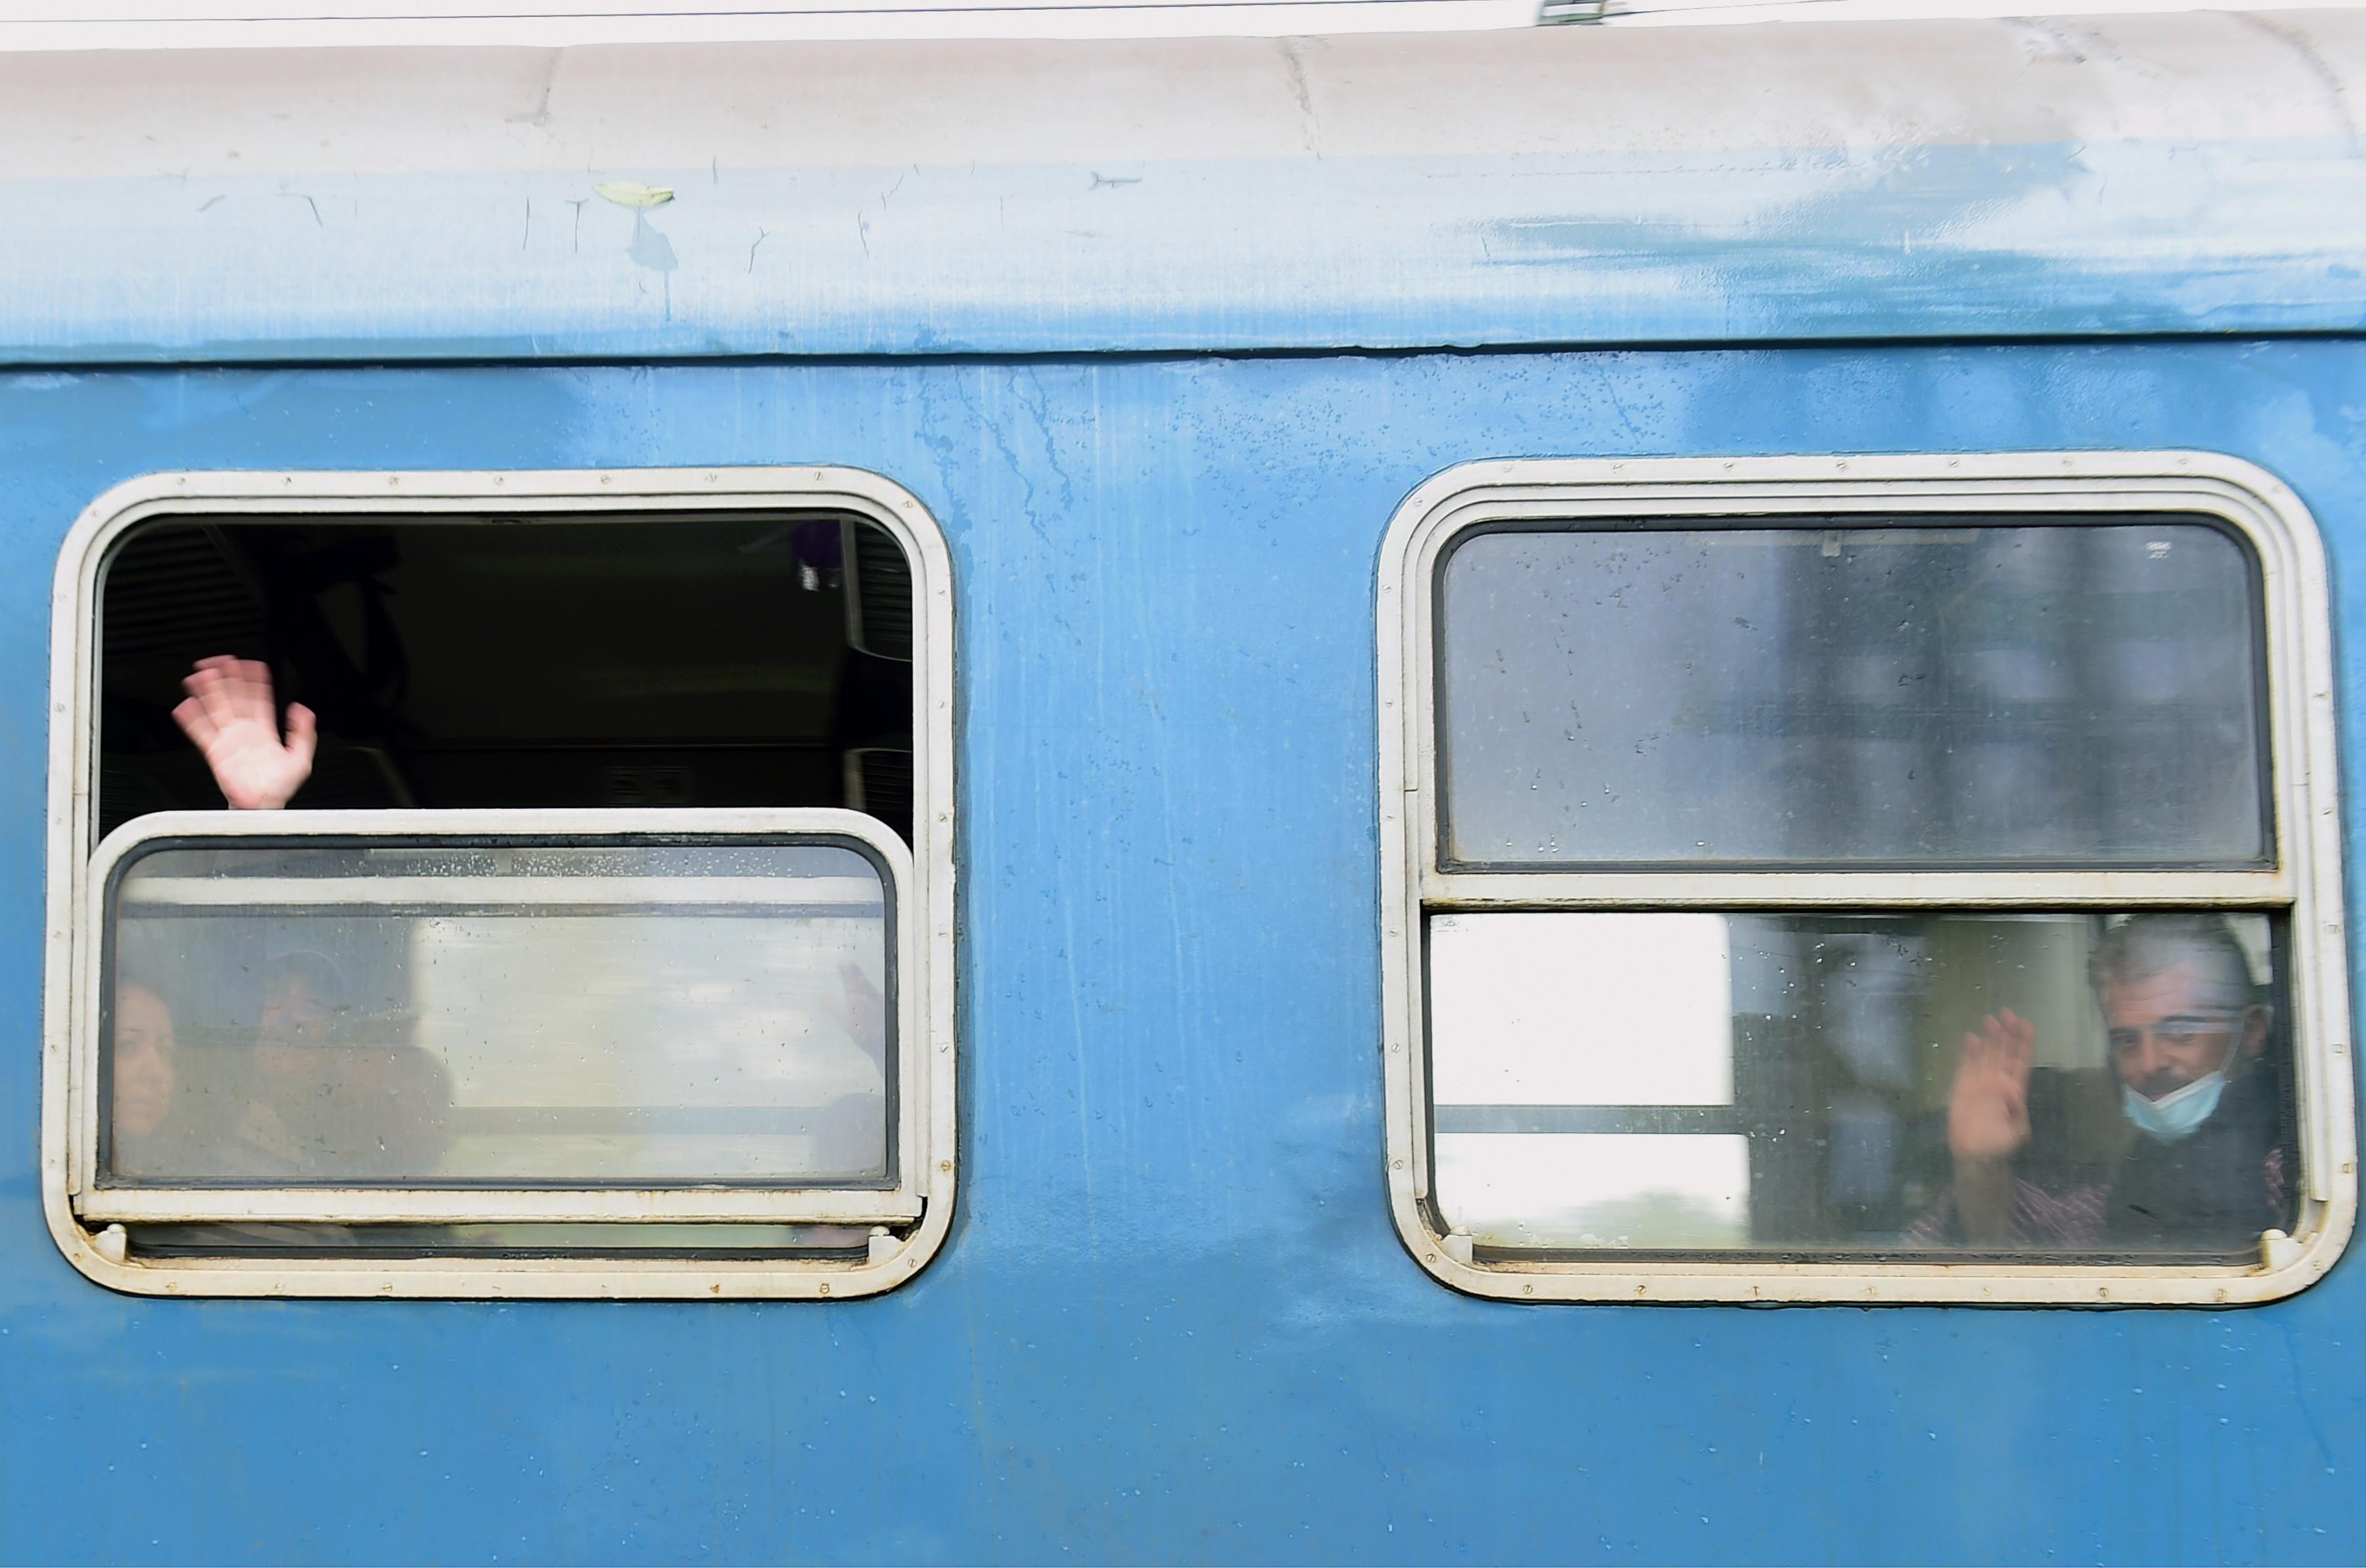 A Parlament felrobbantásával fenyegetőzött egy részeg utas  a vonaton, mert nem kapott ülőhelyet Tatabányán